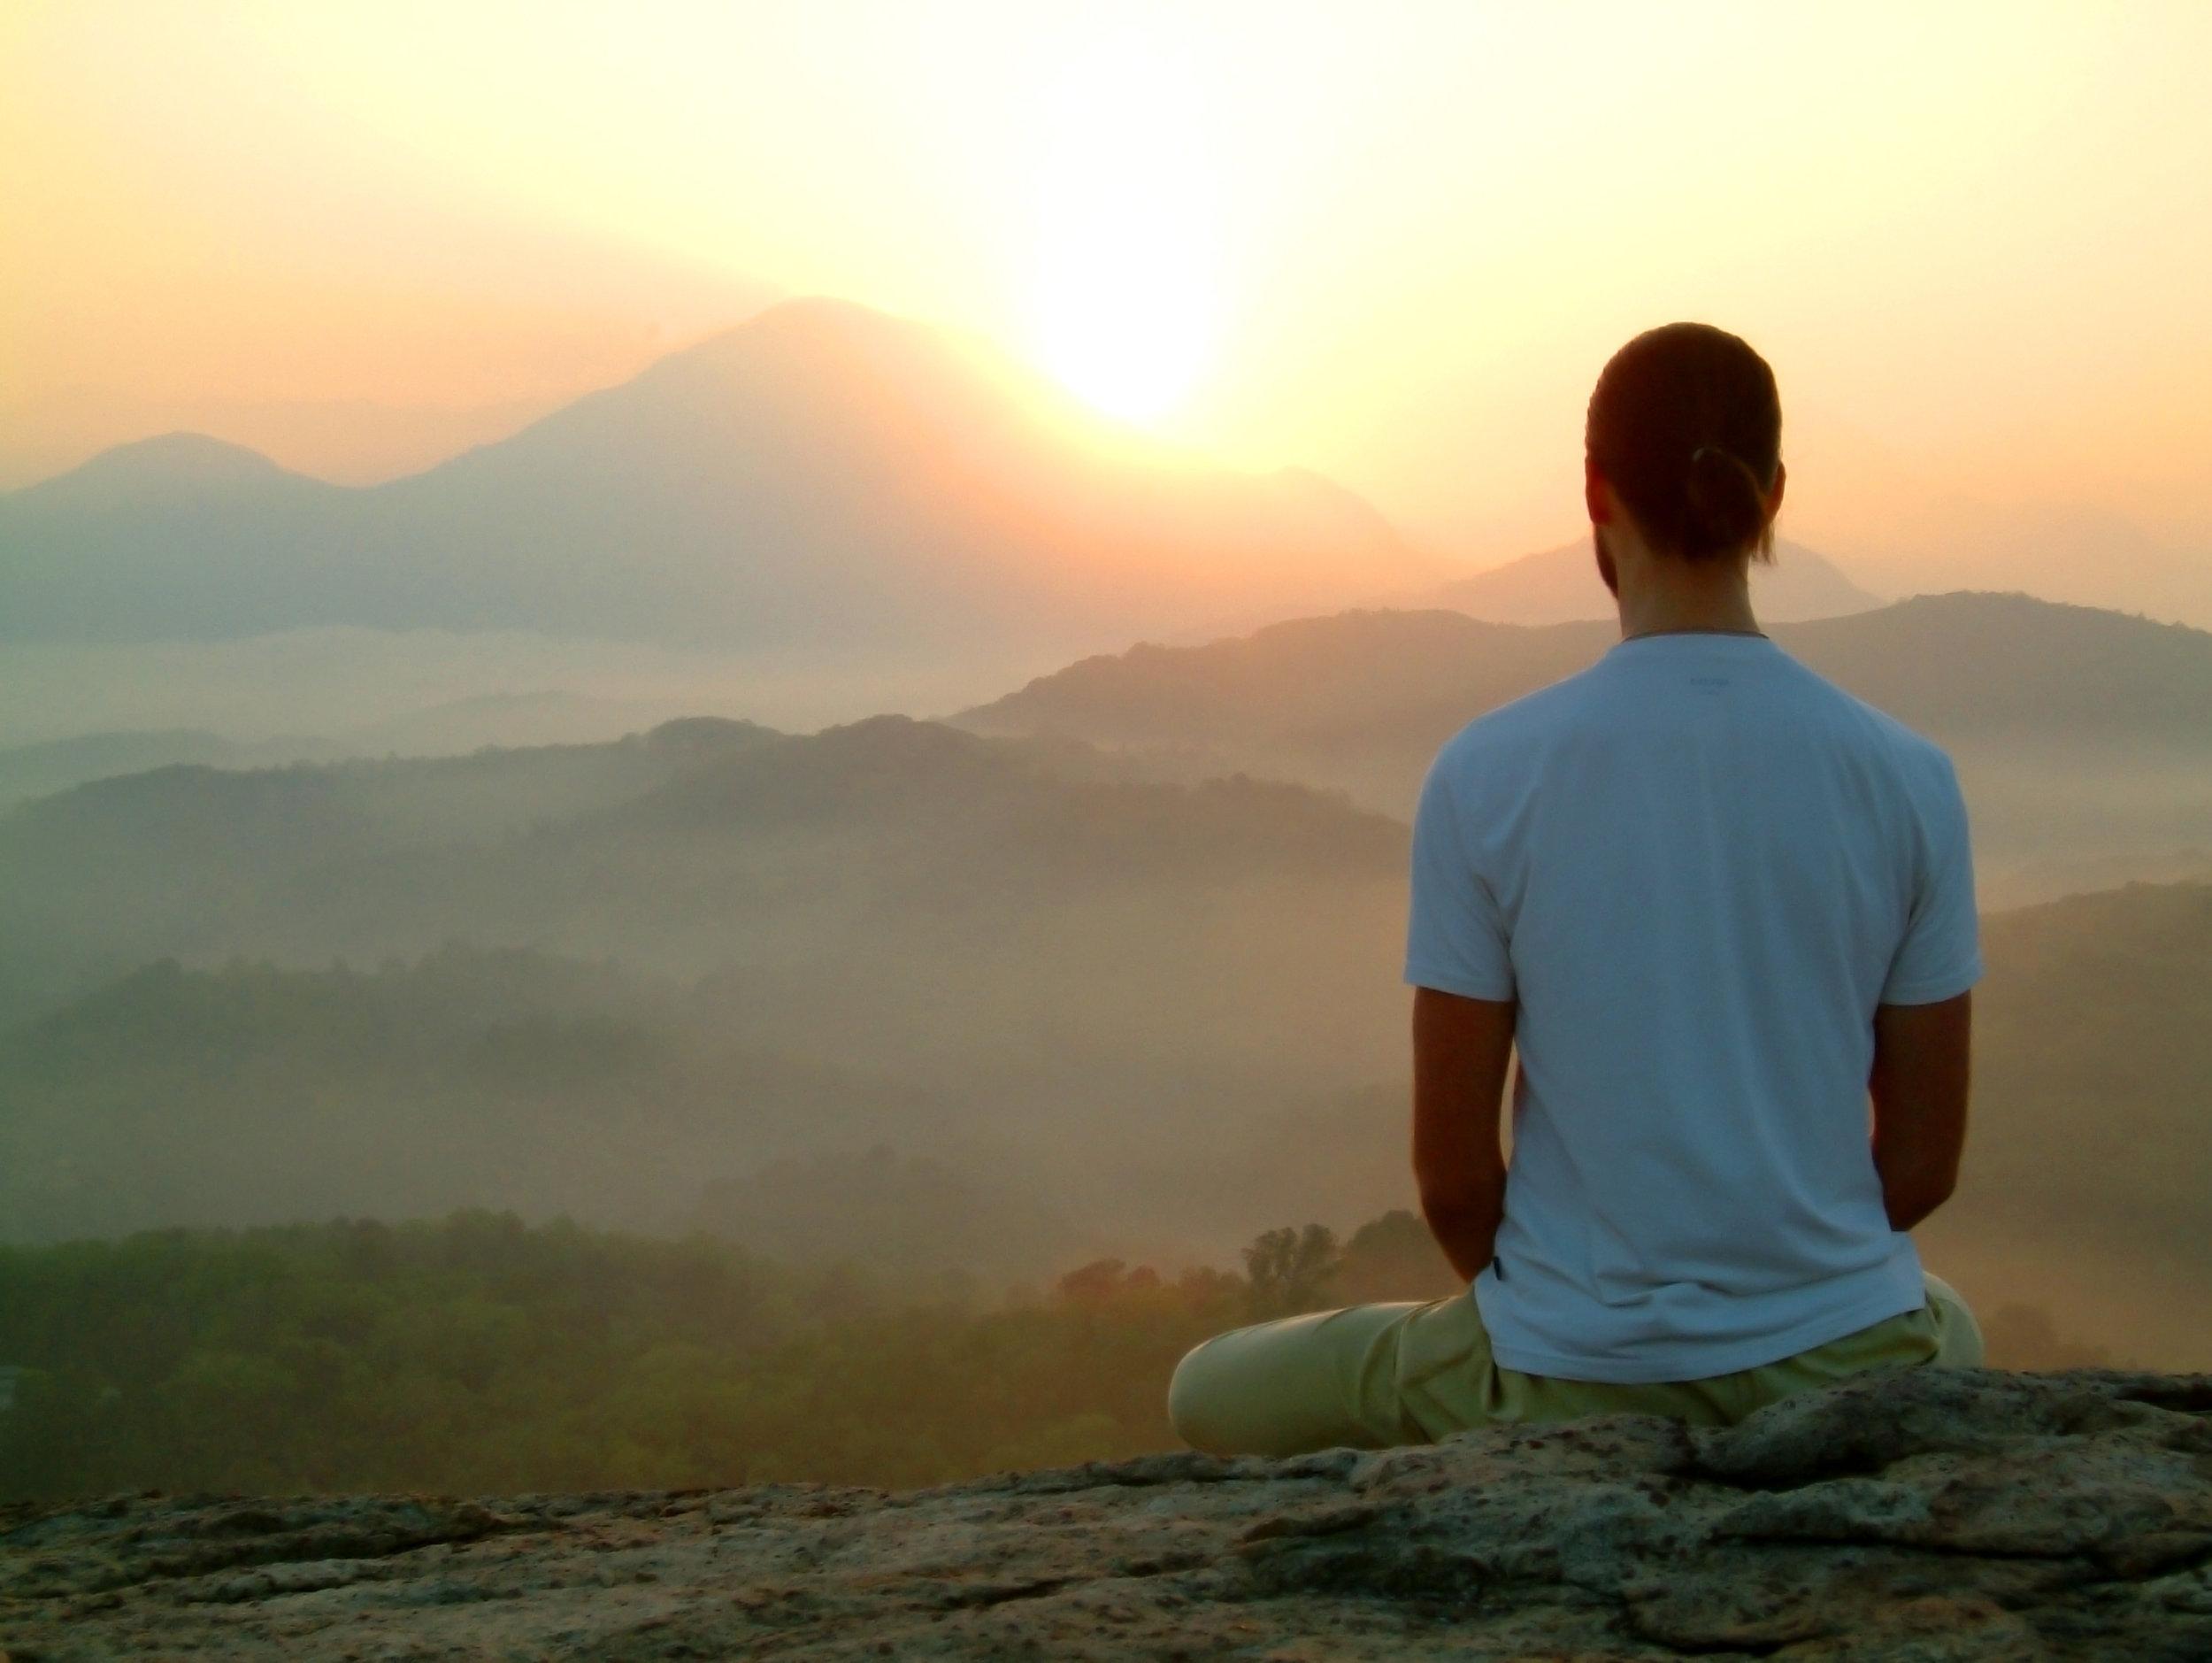 20190320Kennismaken met meditatie.jpeg